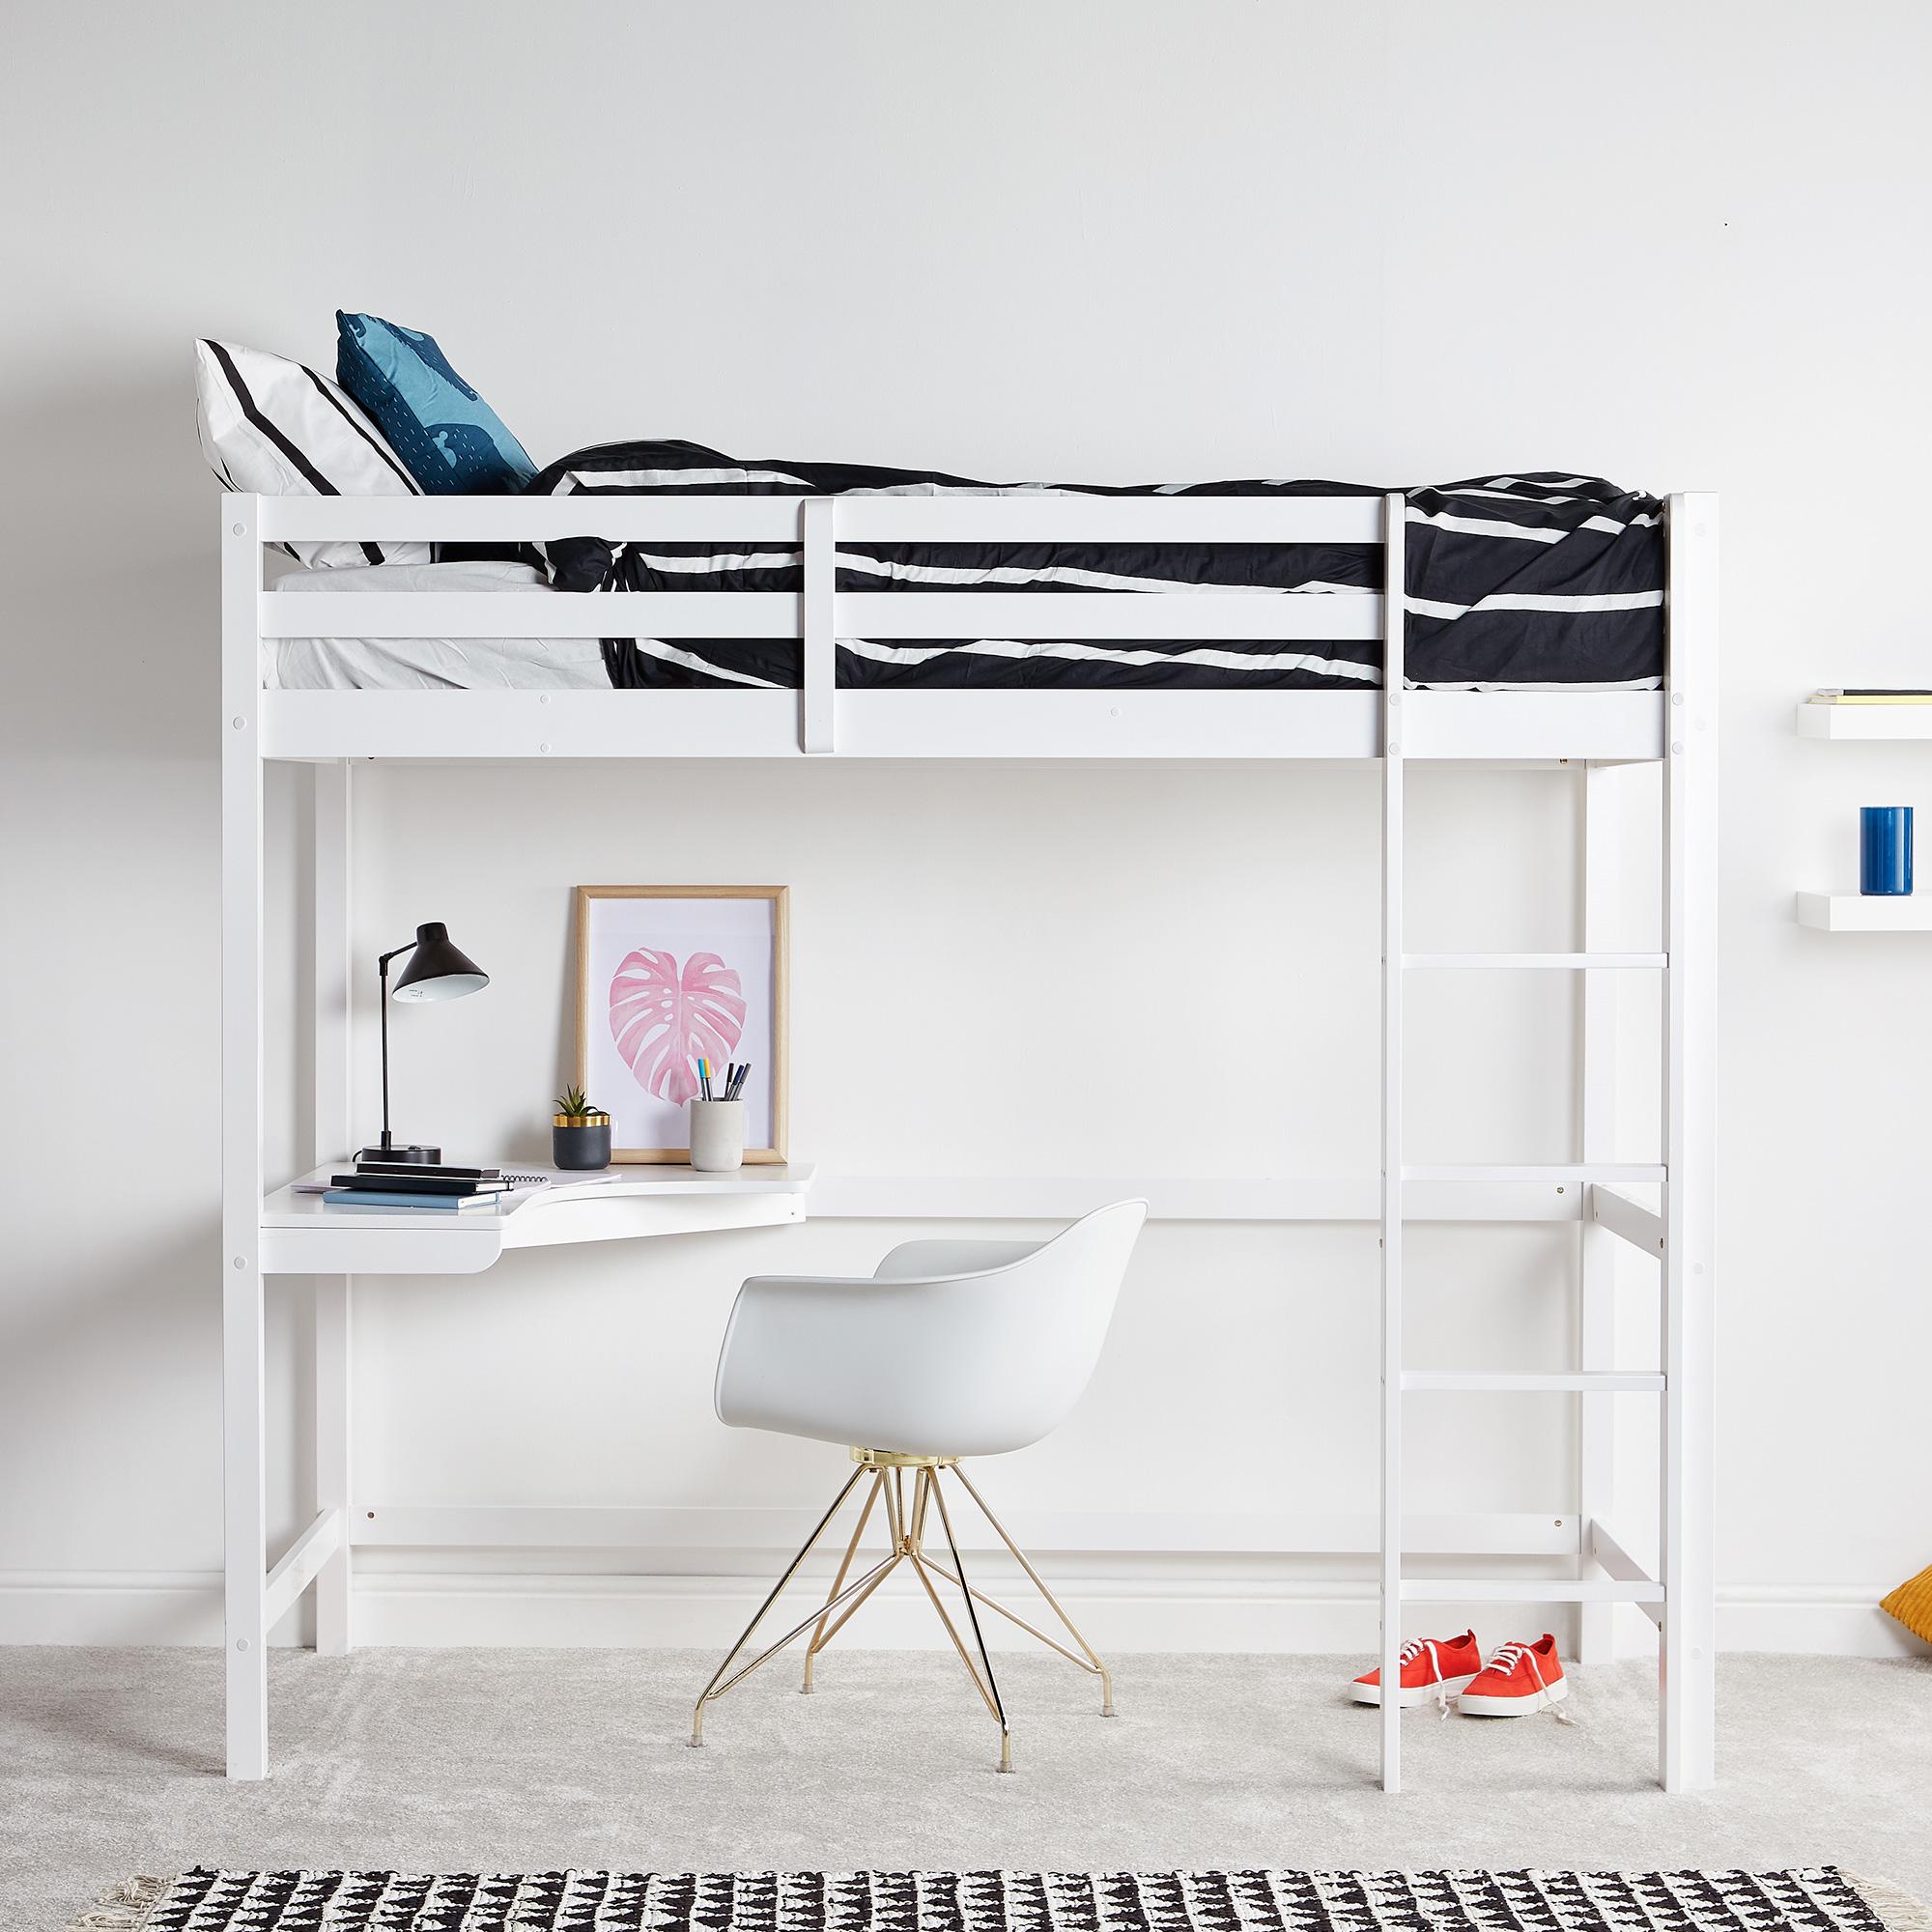 Vonhaus Pine Study Bunk Bed Wooden High Sleeper With Desk Student